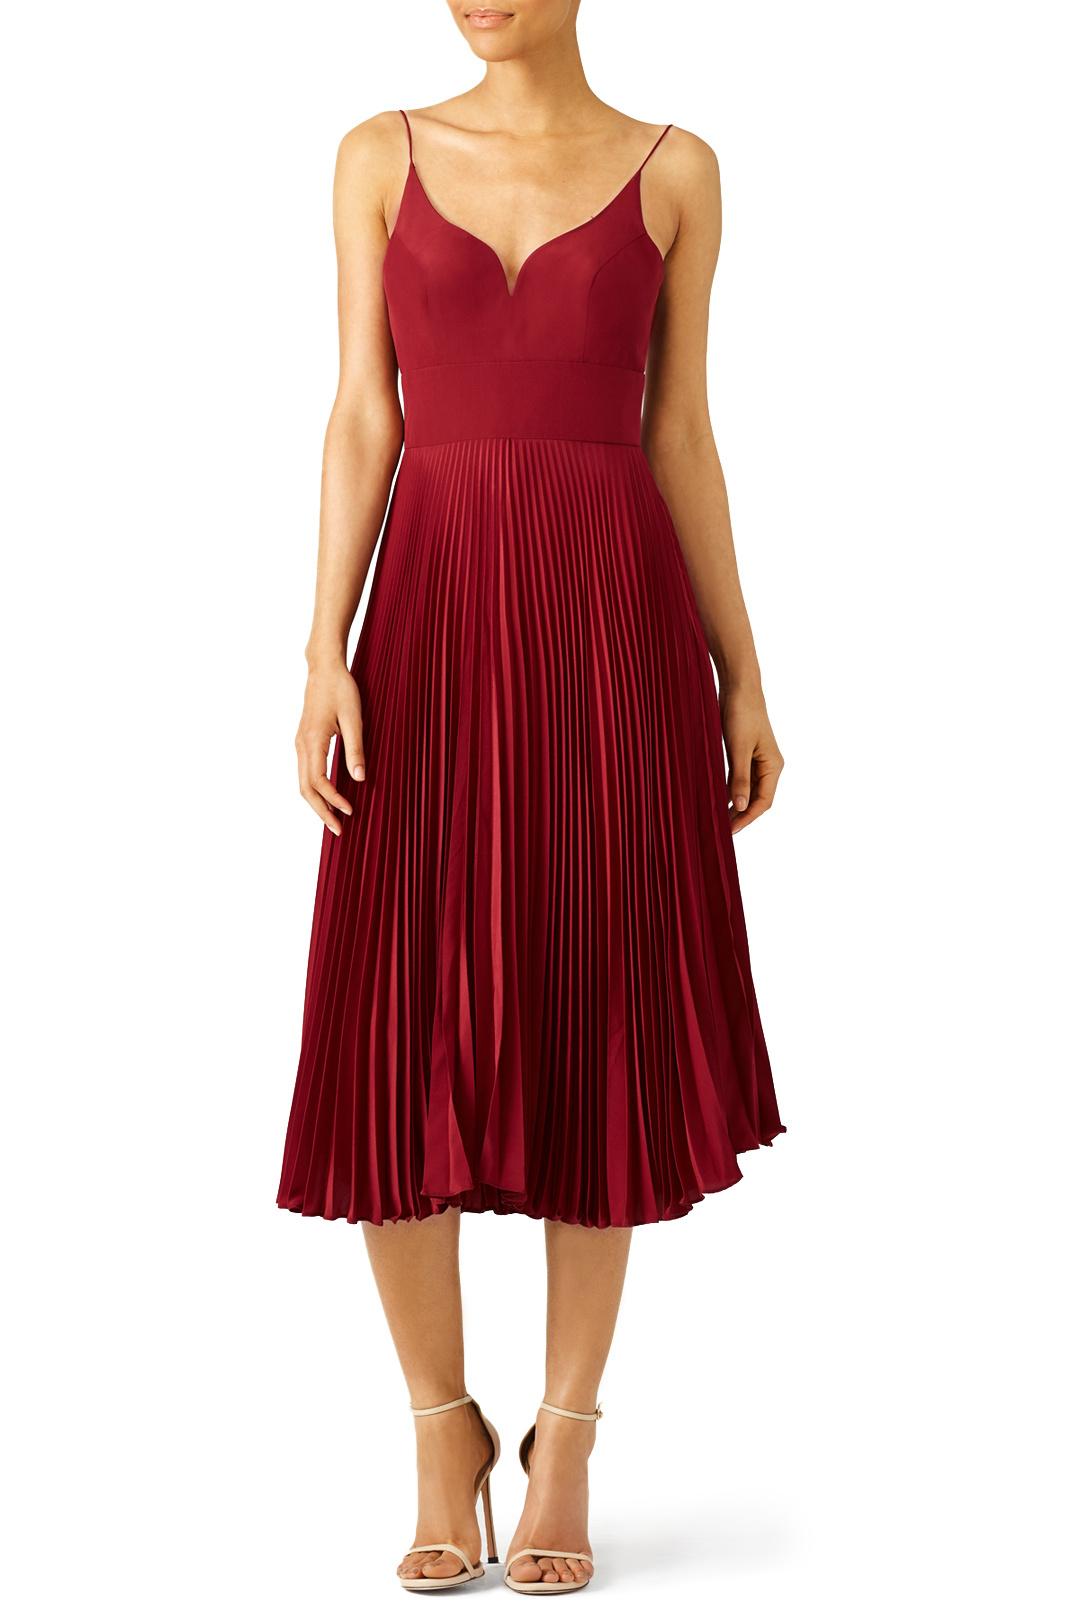 Nicole Miller Oxblood Pleated Sweetheart Dress - $80.00-$90.00